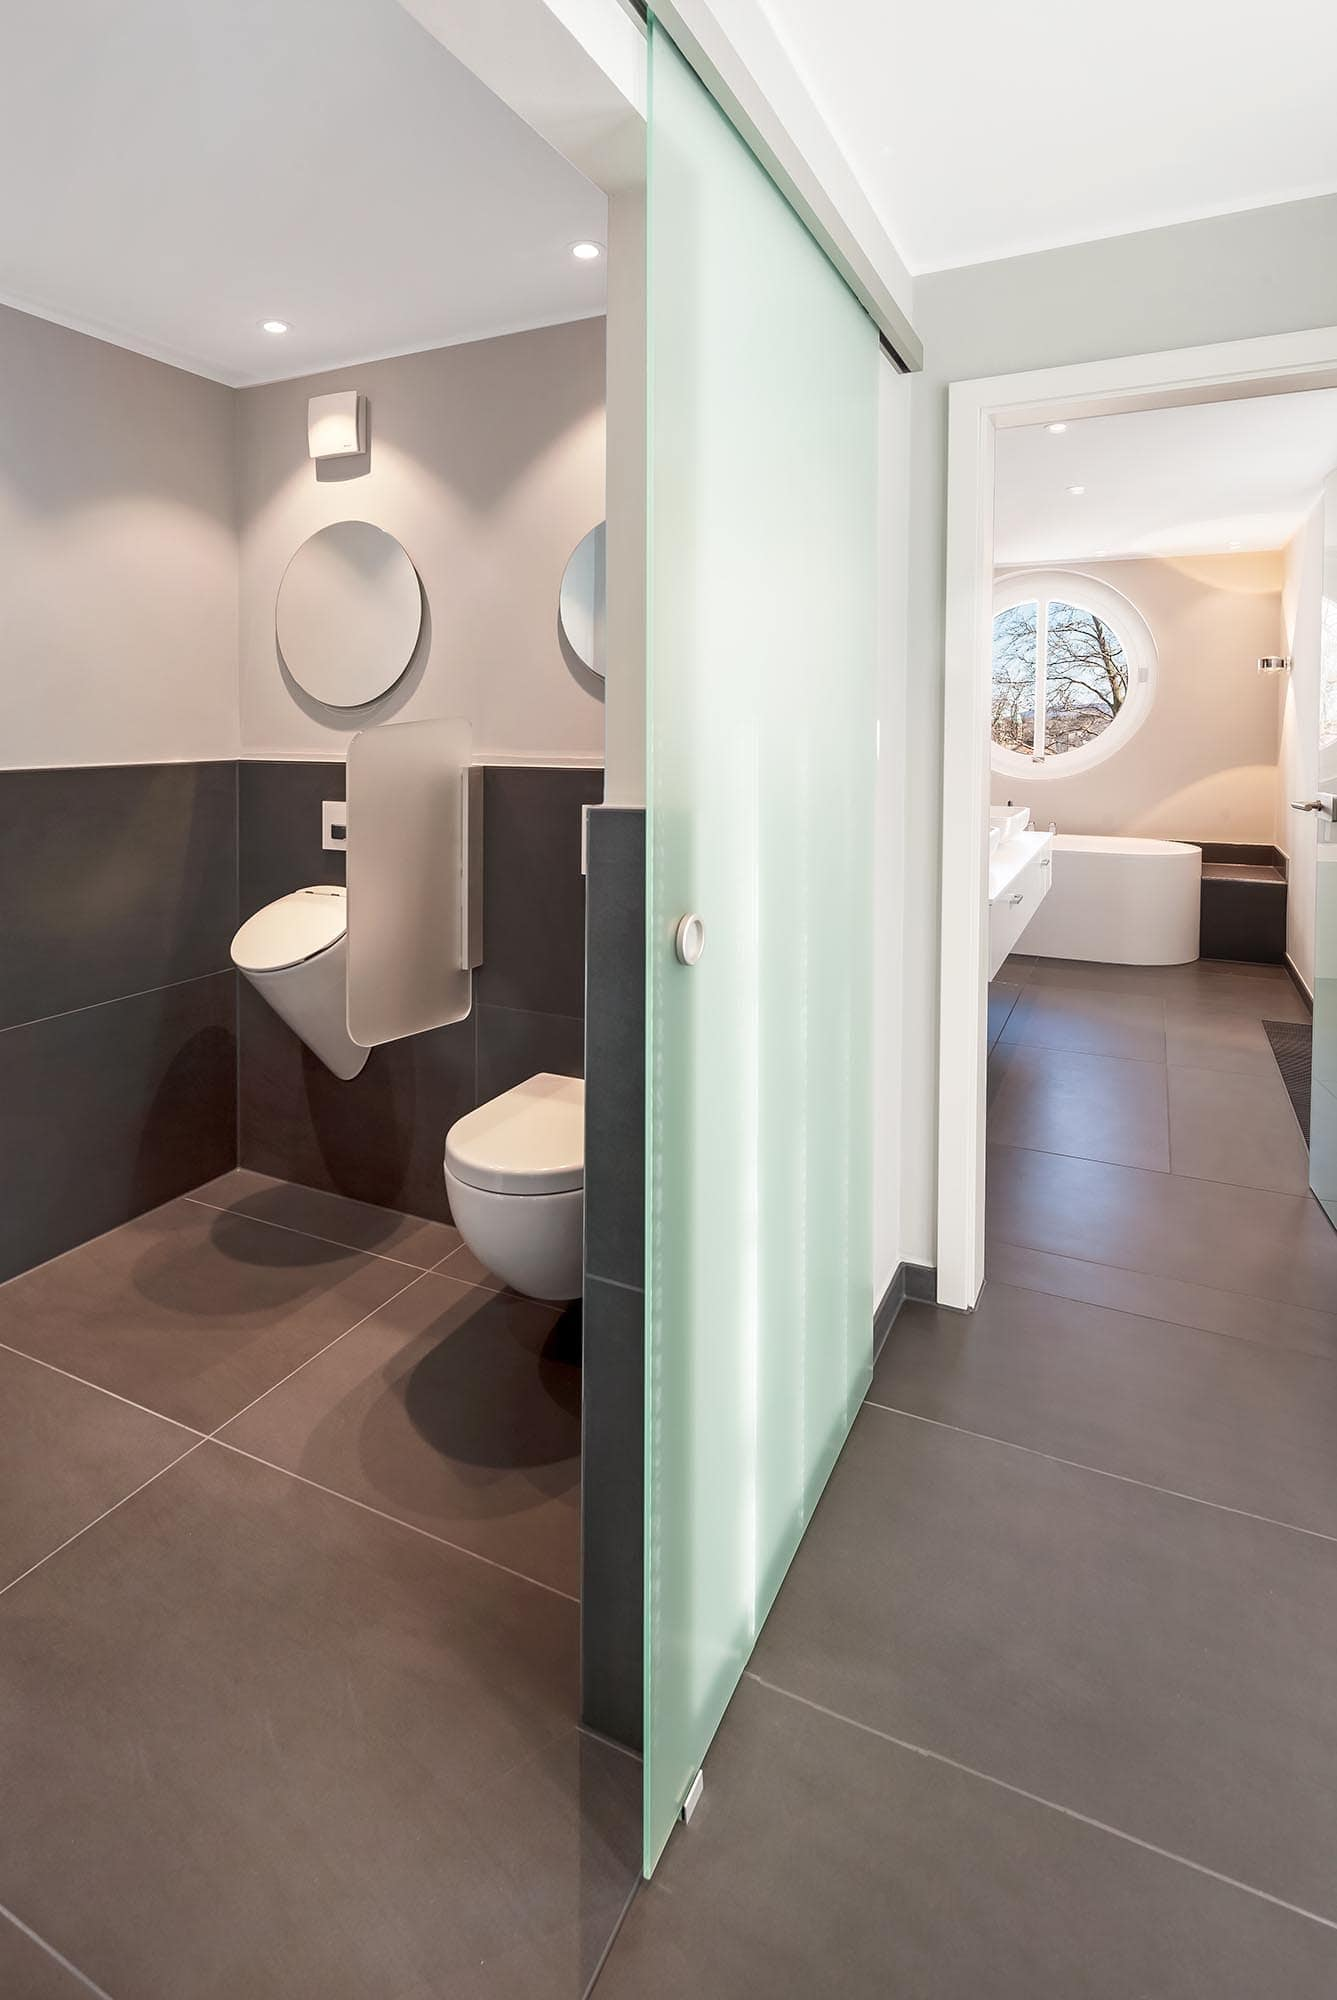 hdr fotoshooting eines designer-bades mit separierter toilette